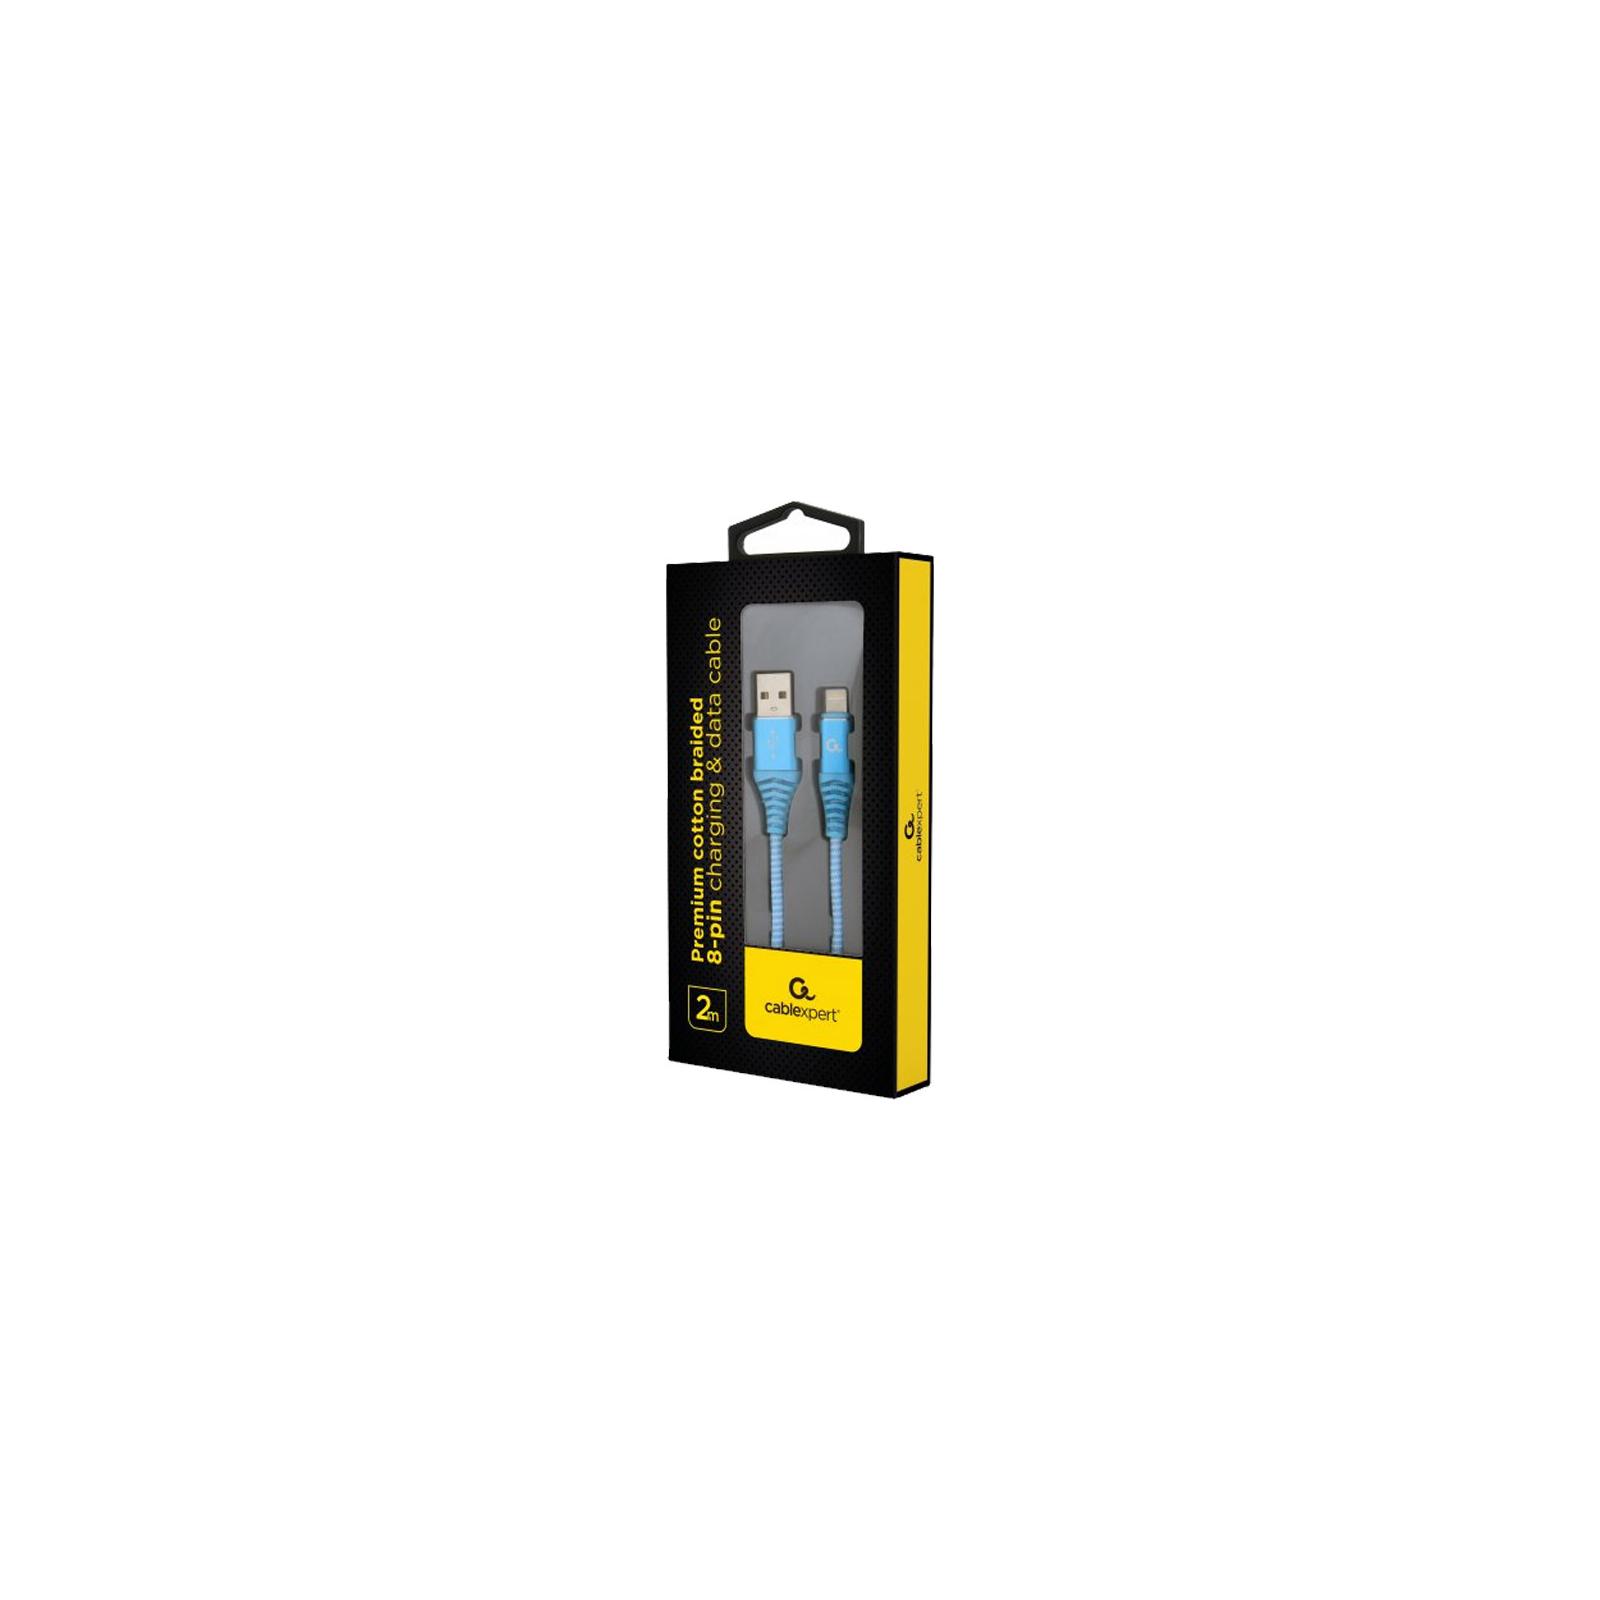 Дата кабель USB 2.0 AM to Lightning 2.0m Cablexpert (CC-USB2B-AMLM-2M-PW) изображение 2